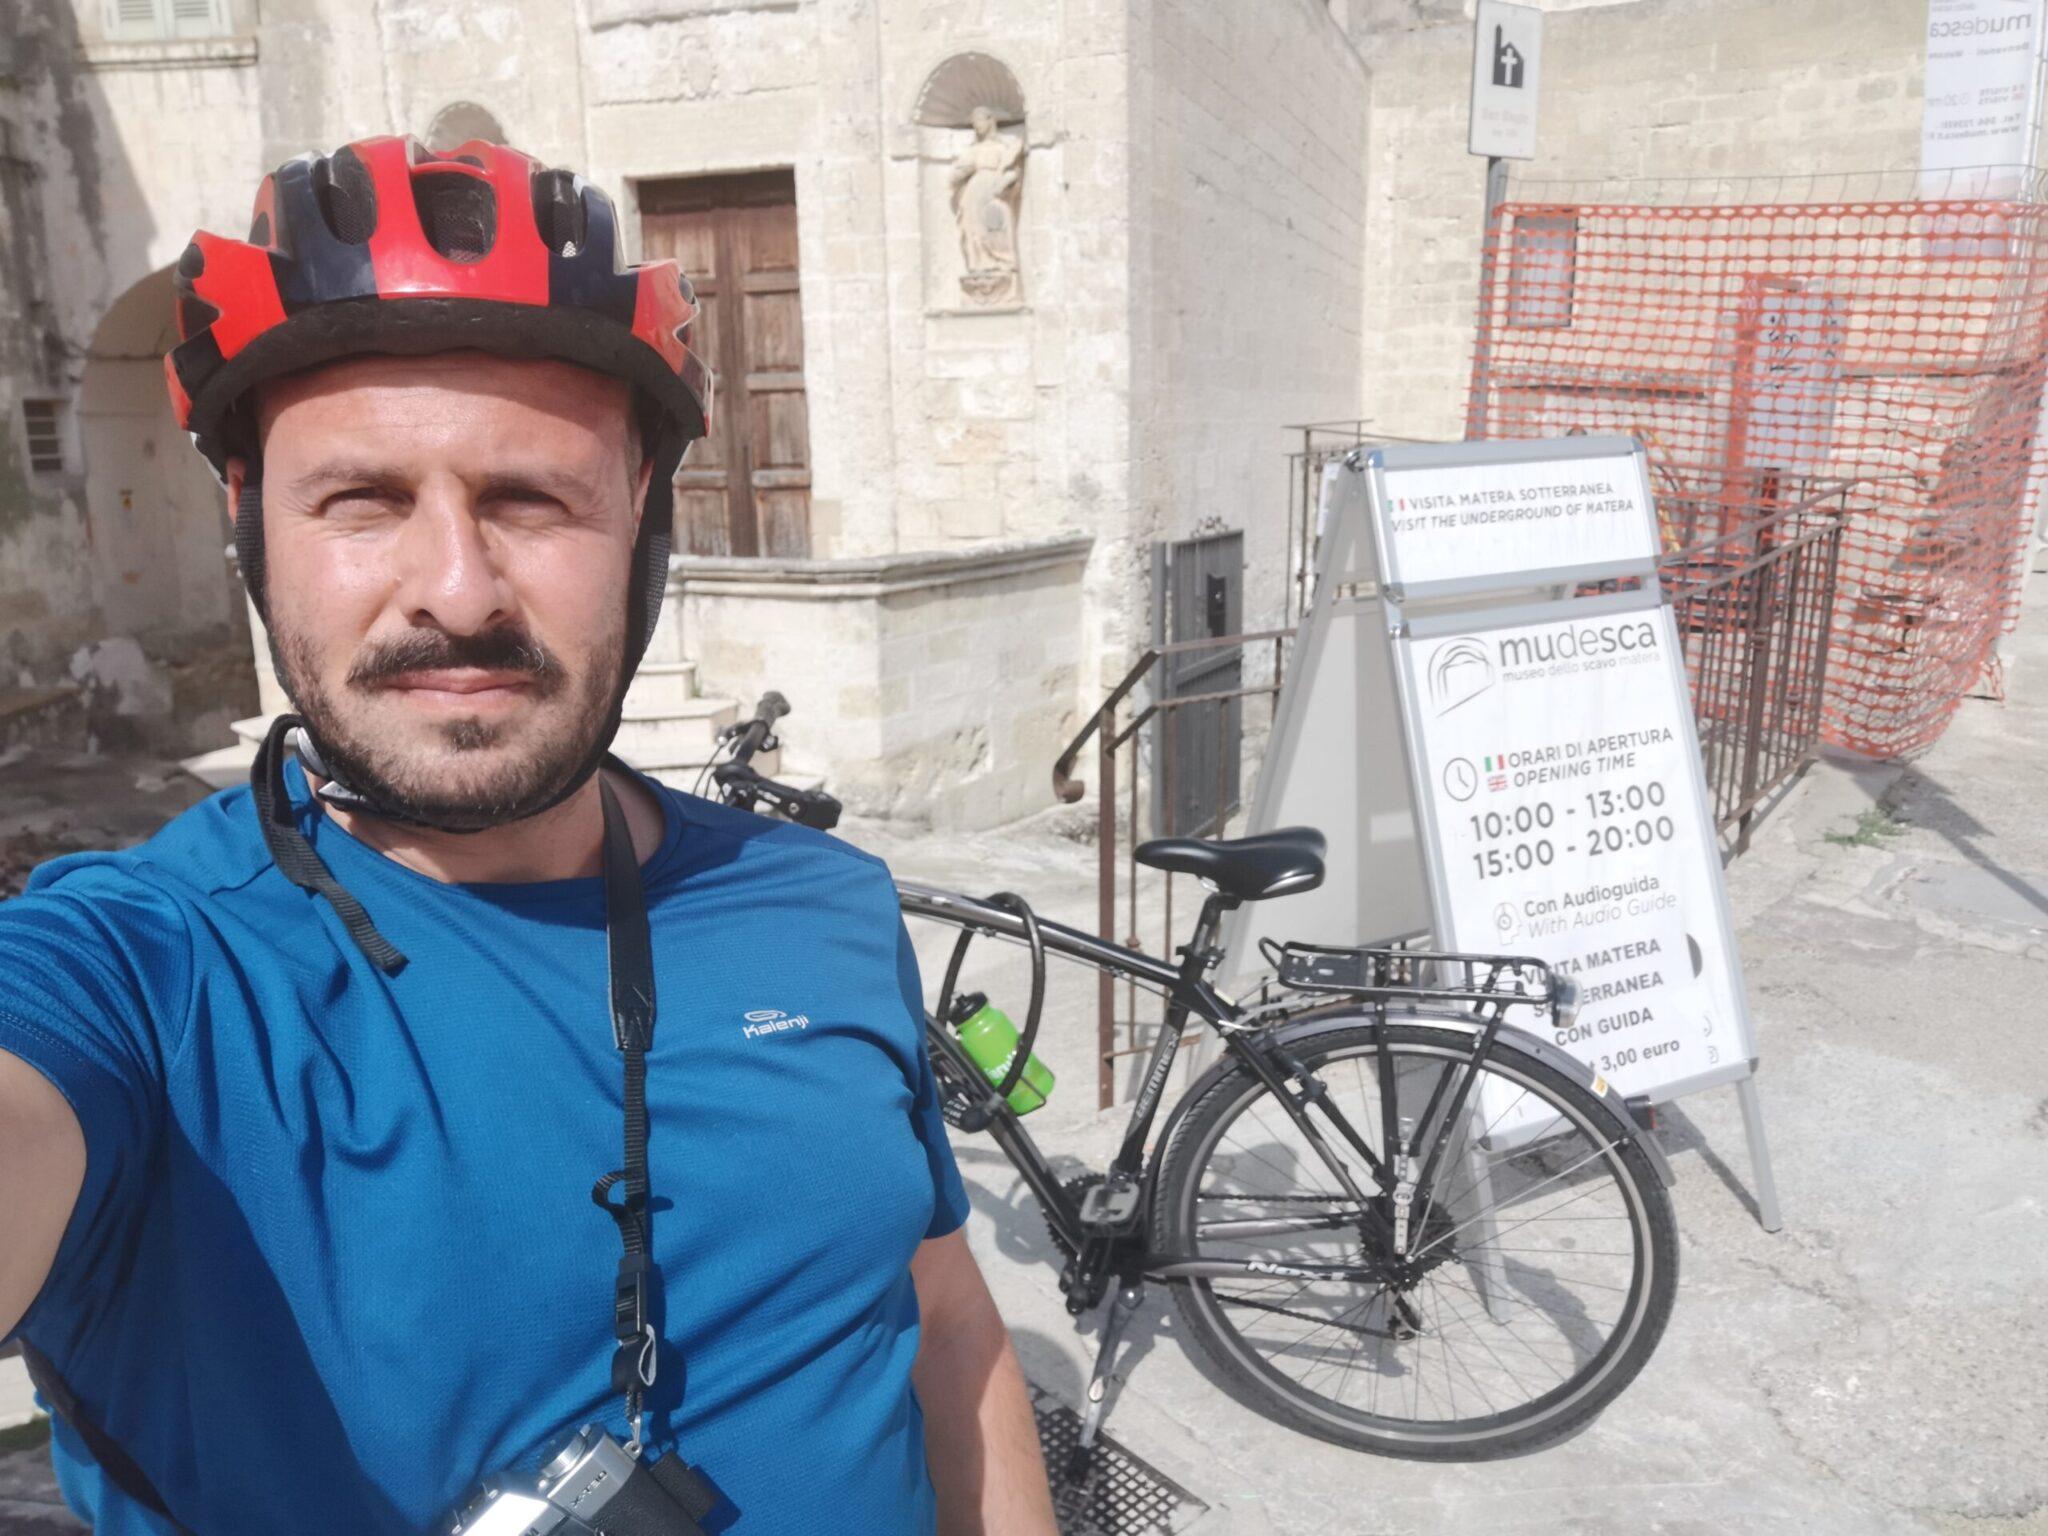 All'ingresso del MuDeSca con la mia city bike